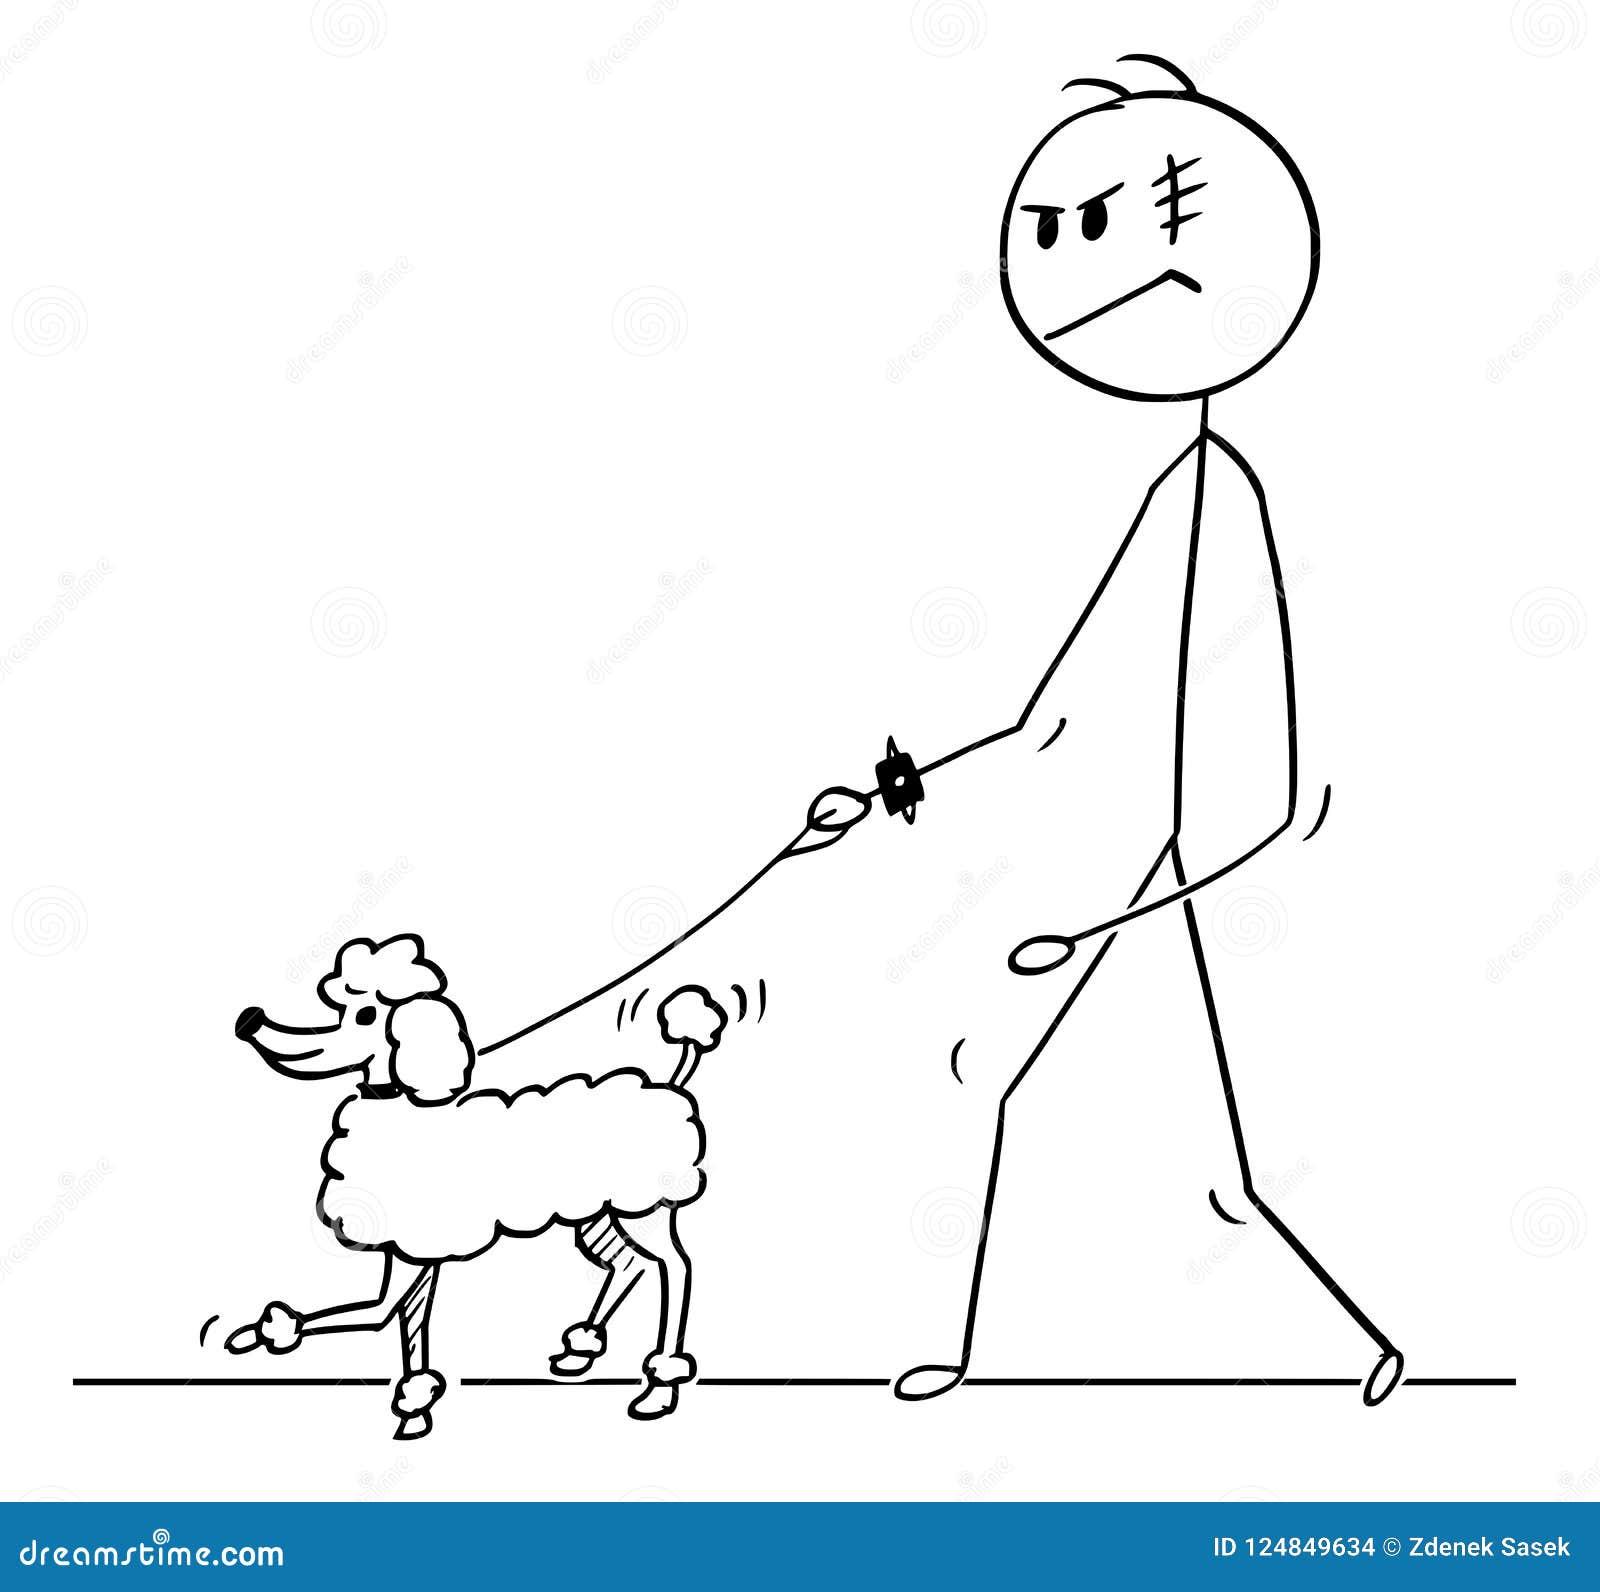 Κινούμενα σχέδια του σκληρού ατόμου που περπατά με Poodle το σκυλί σε ένα λουρί